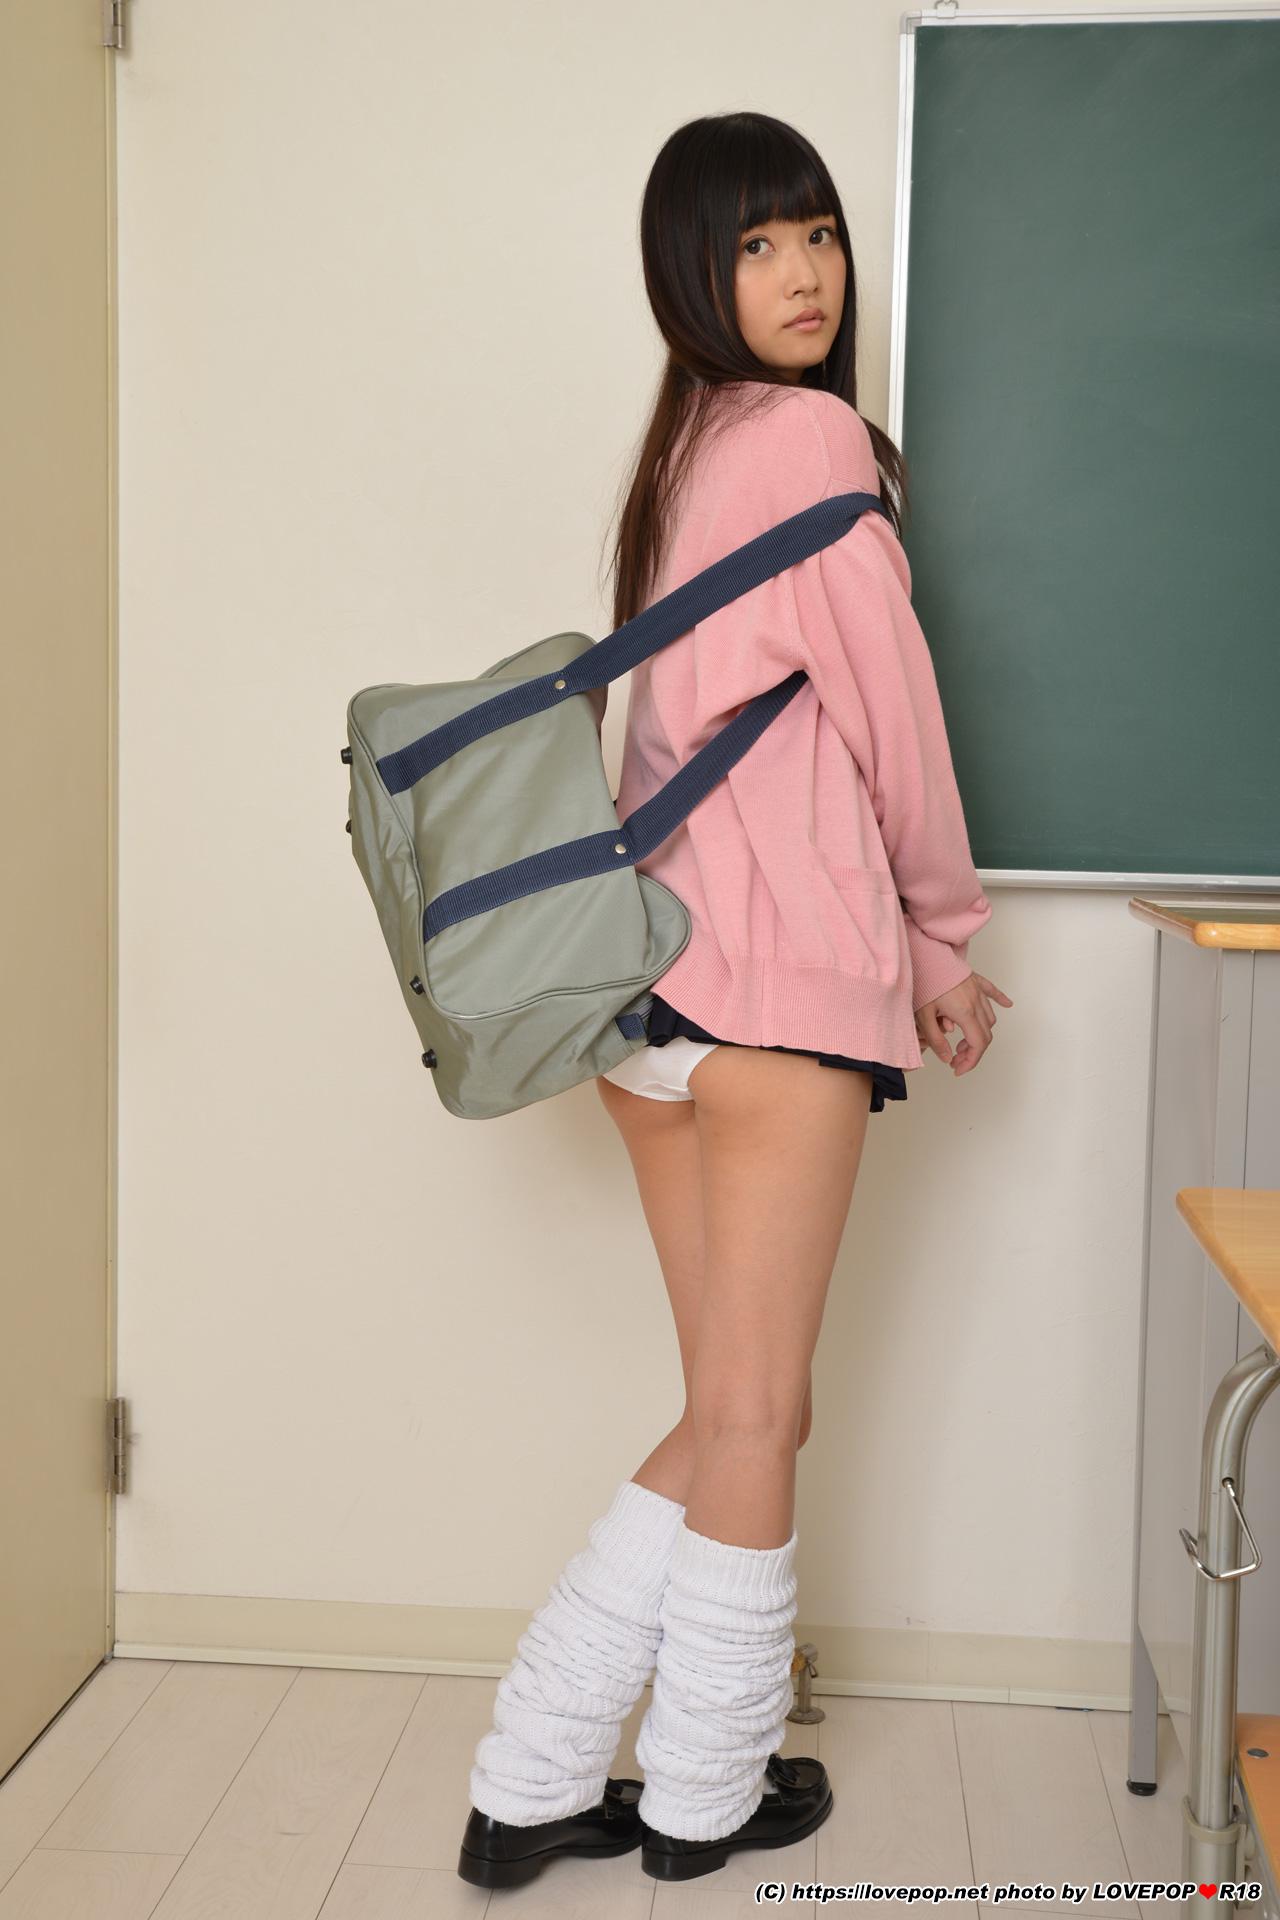 三次元 3次元 エロ画像 JK 女子校生 ルーズソックス べっぴん娘通信 40